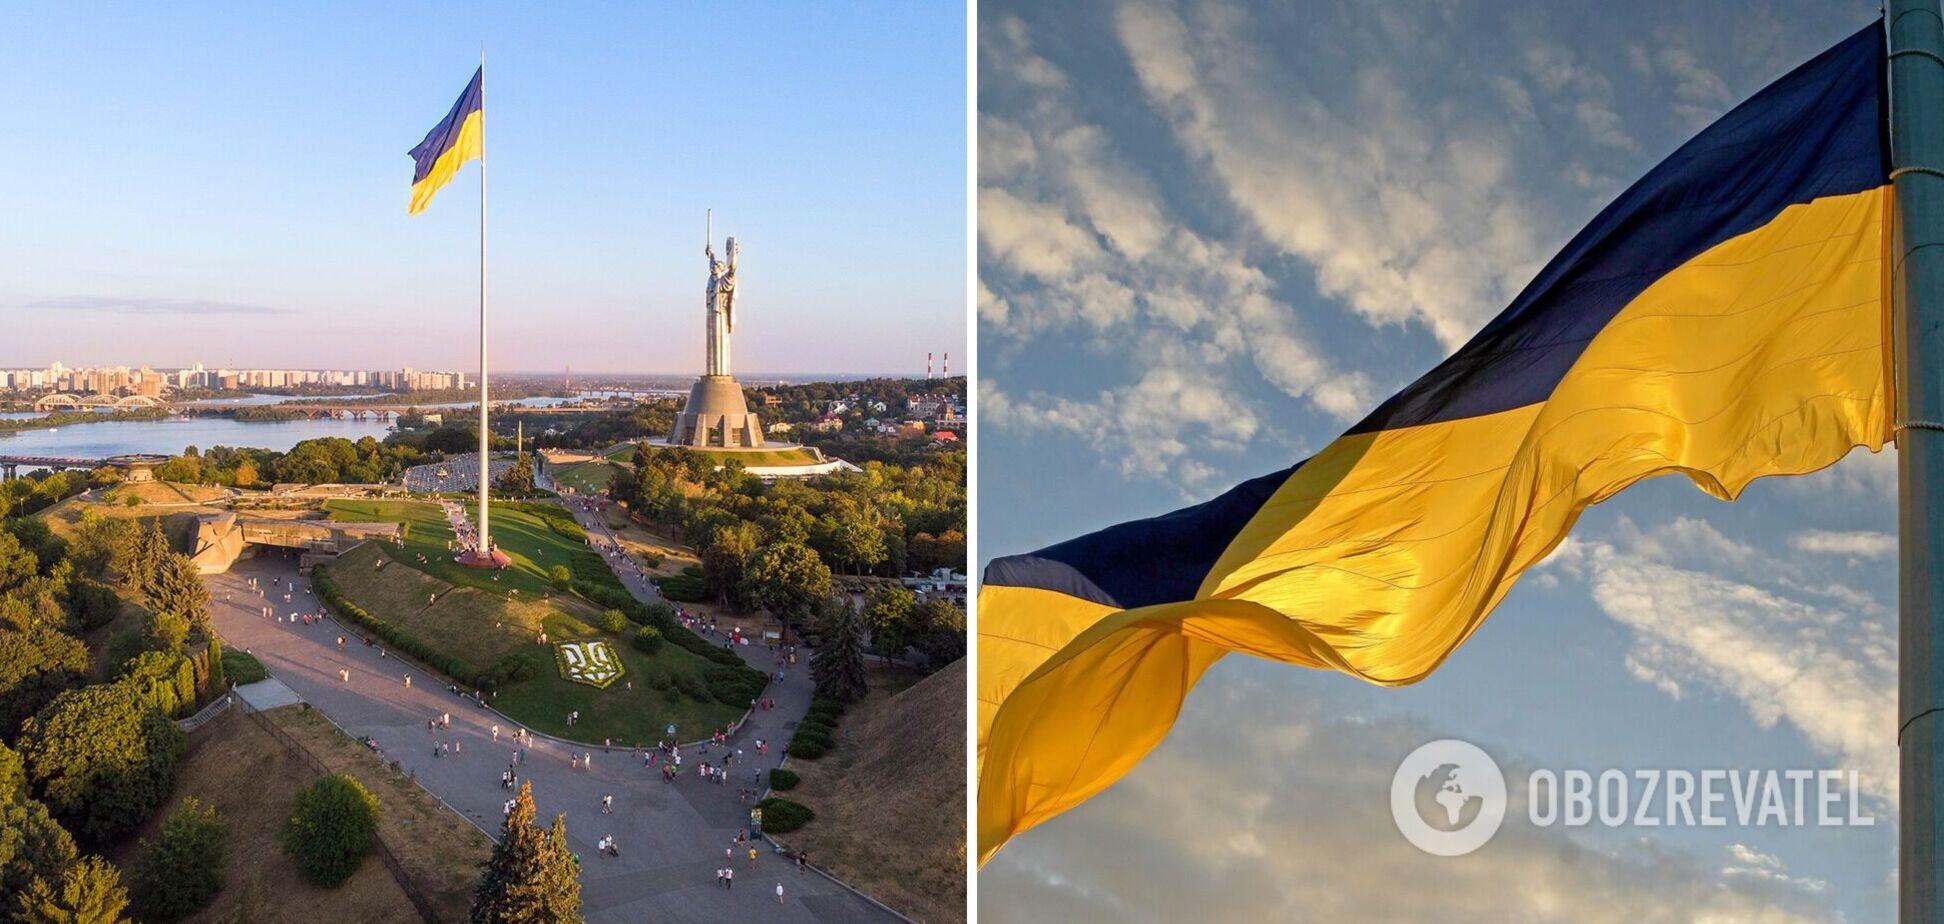 В Україні відзначили День Державного Прапора: фото і відео з найбільших міст країни